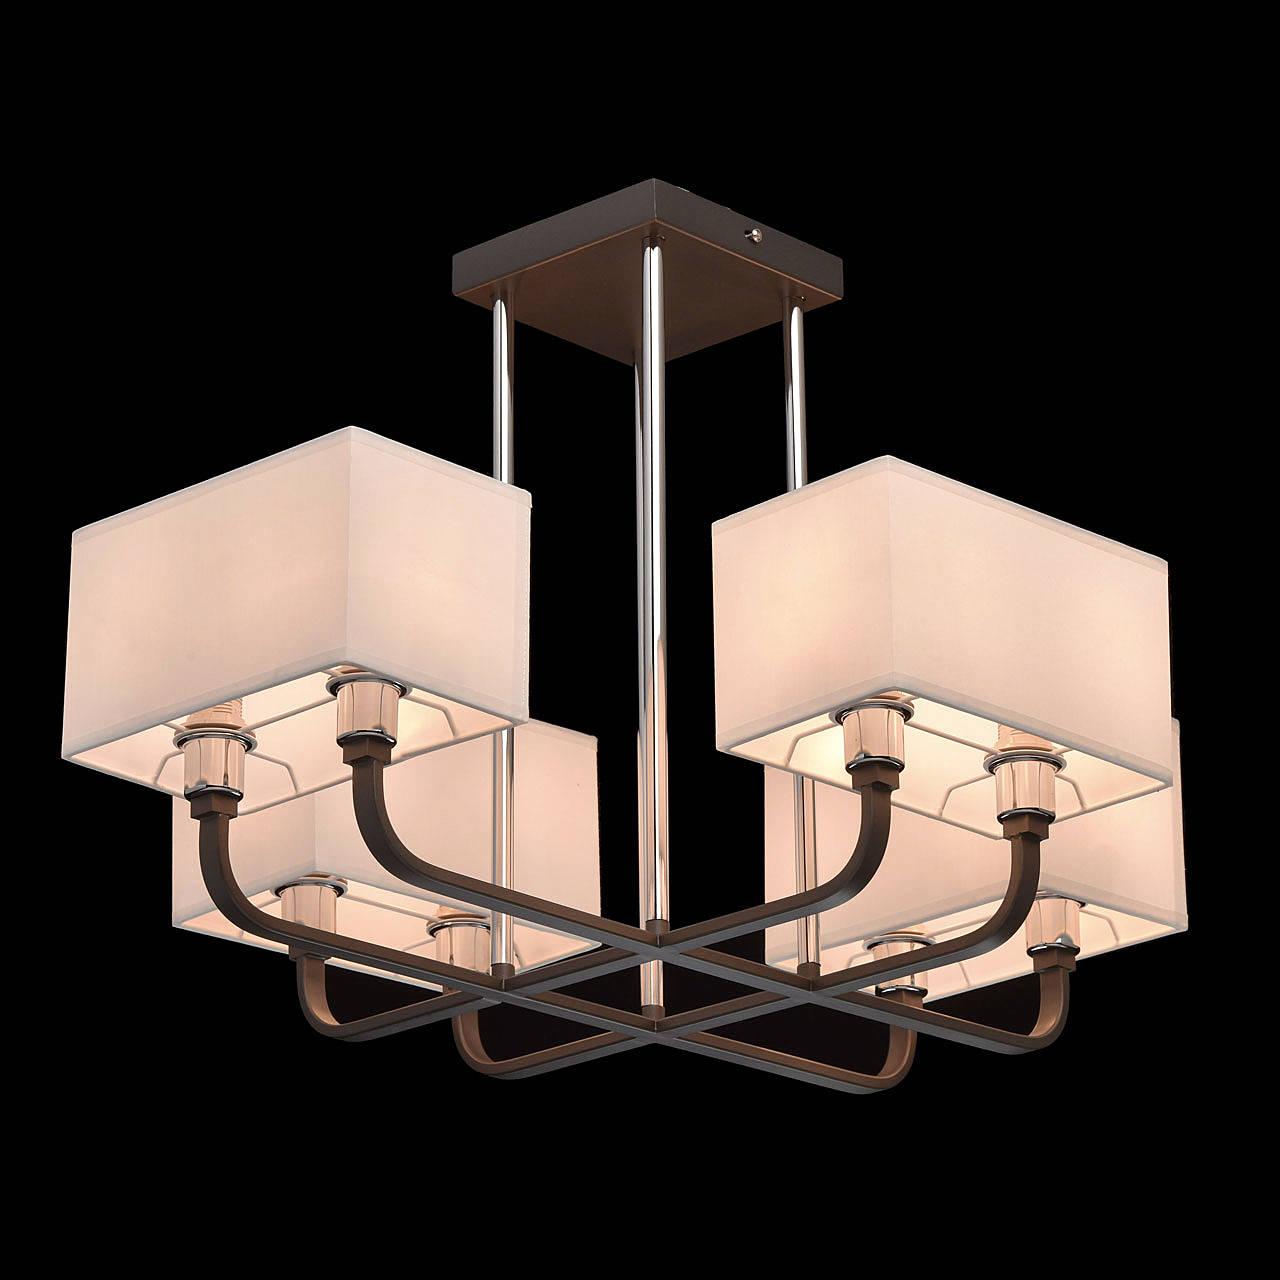 Купить встраиваемый светильник lightstar mobi inc 003204 в